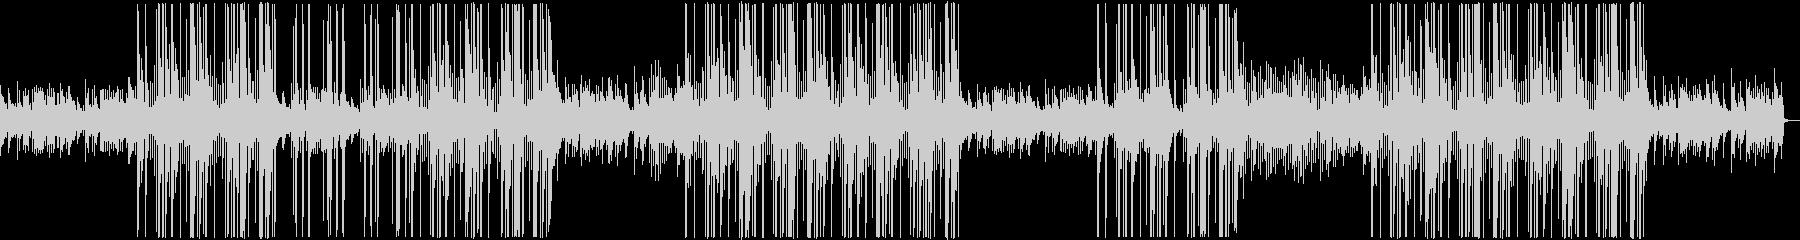 ピアノフレーズが印象的なトラップビートの未再生の波形